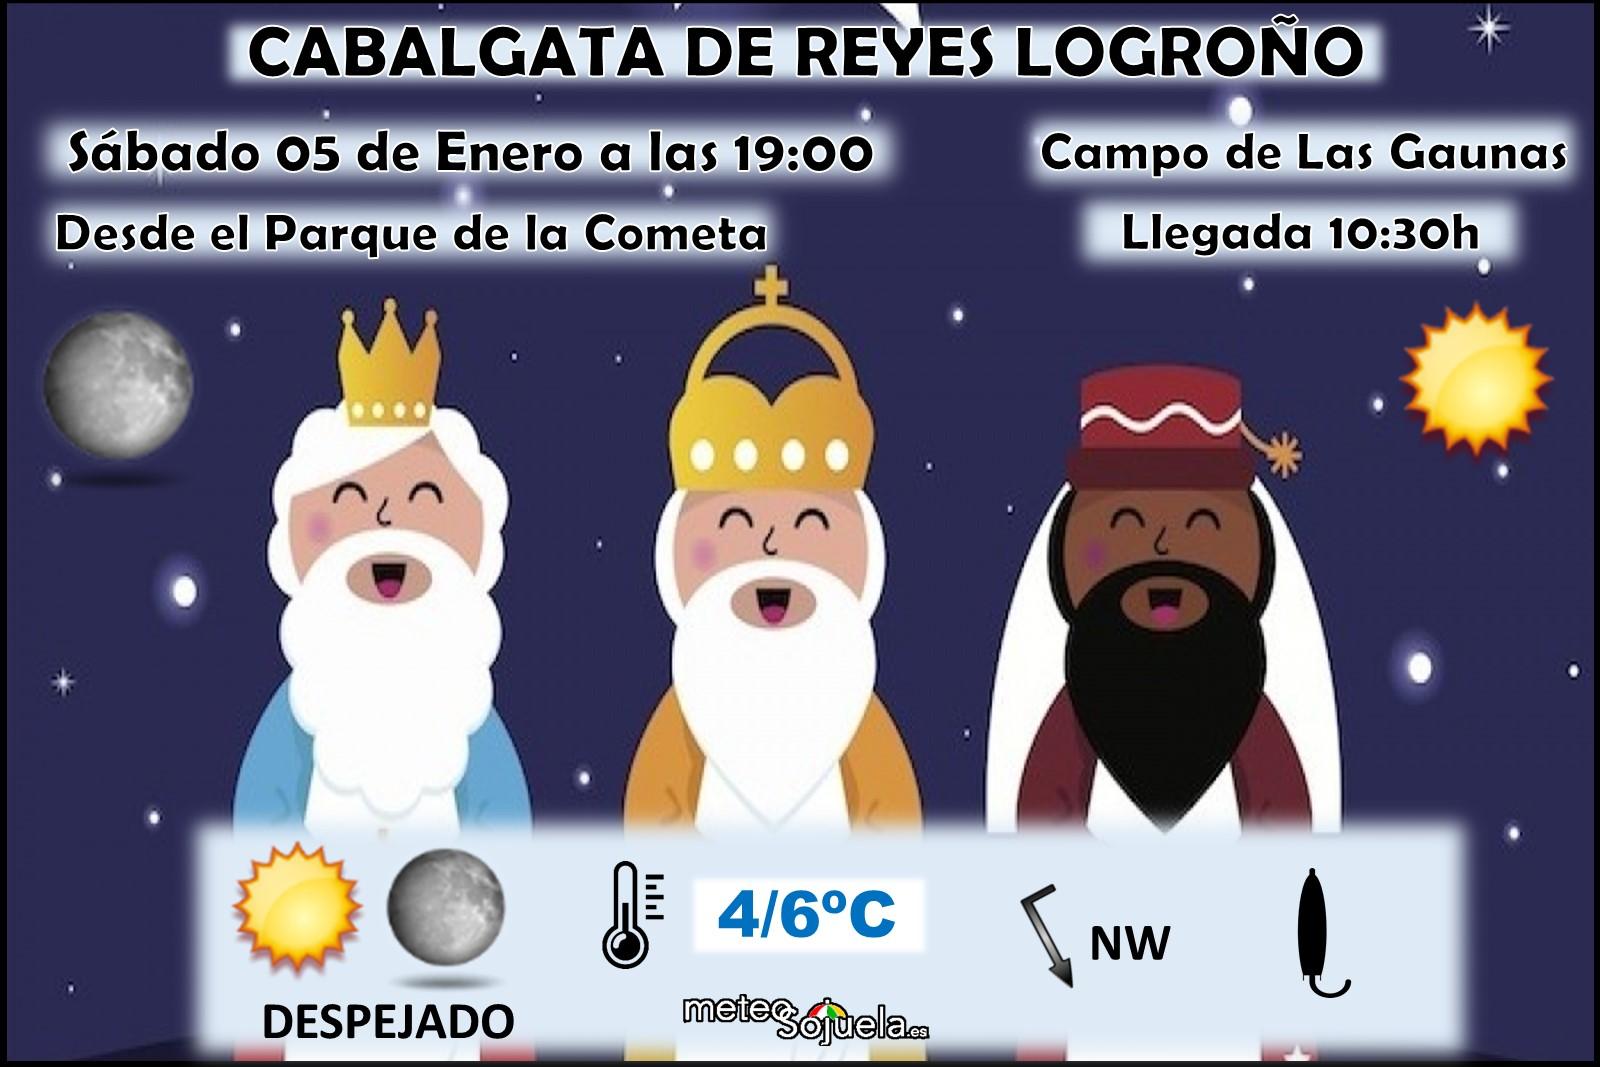 Cabalgata y llegada de Reyes Magos Logroño. Meteosojuela La Rioja